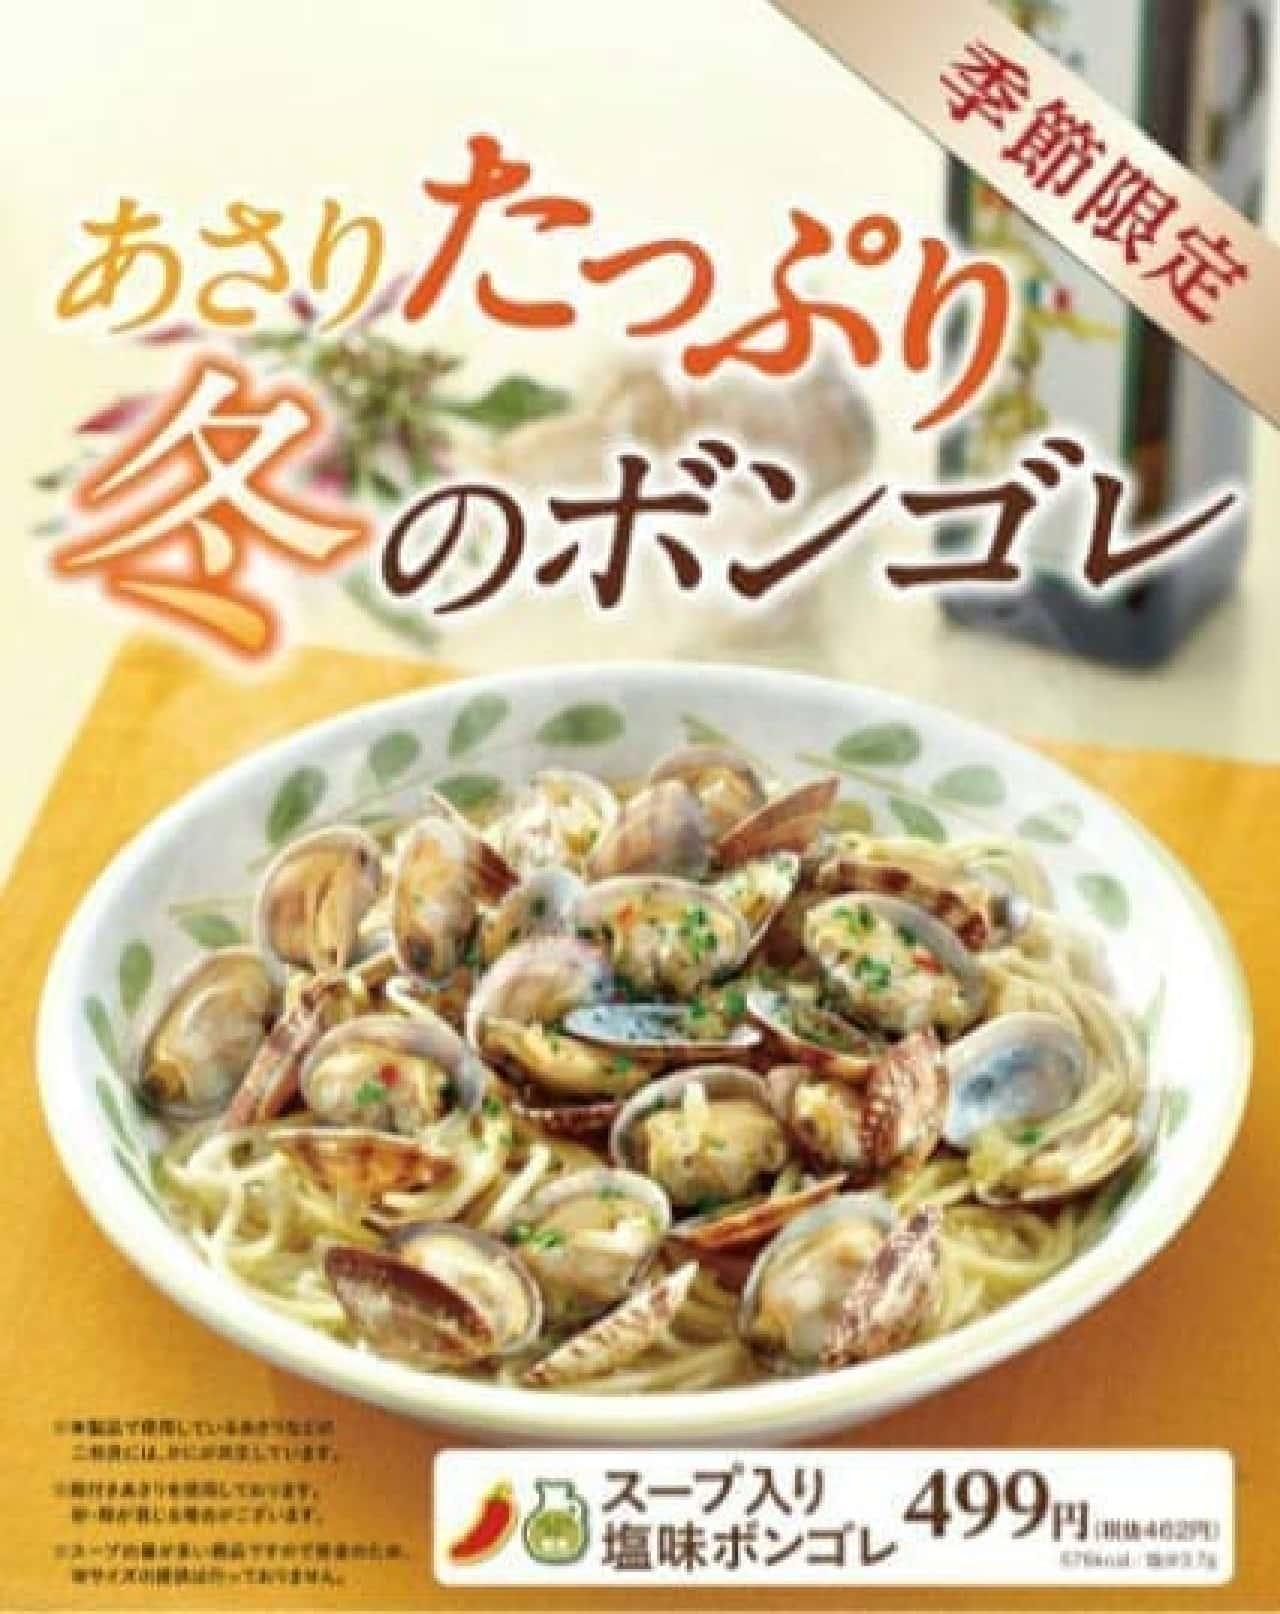 サイゼ 季節限定メニュー「スープ入り塩味ボンゴレ」